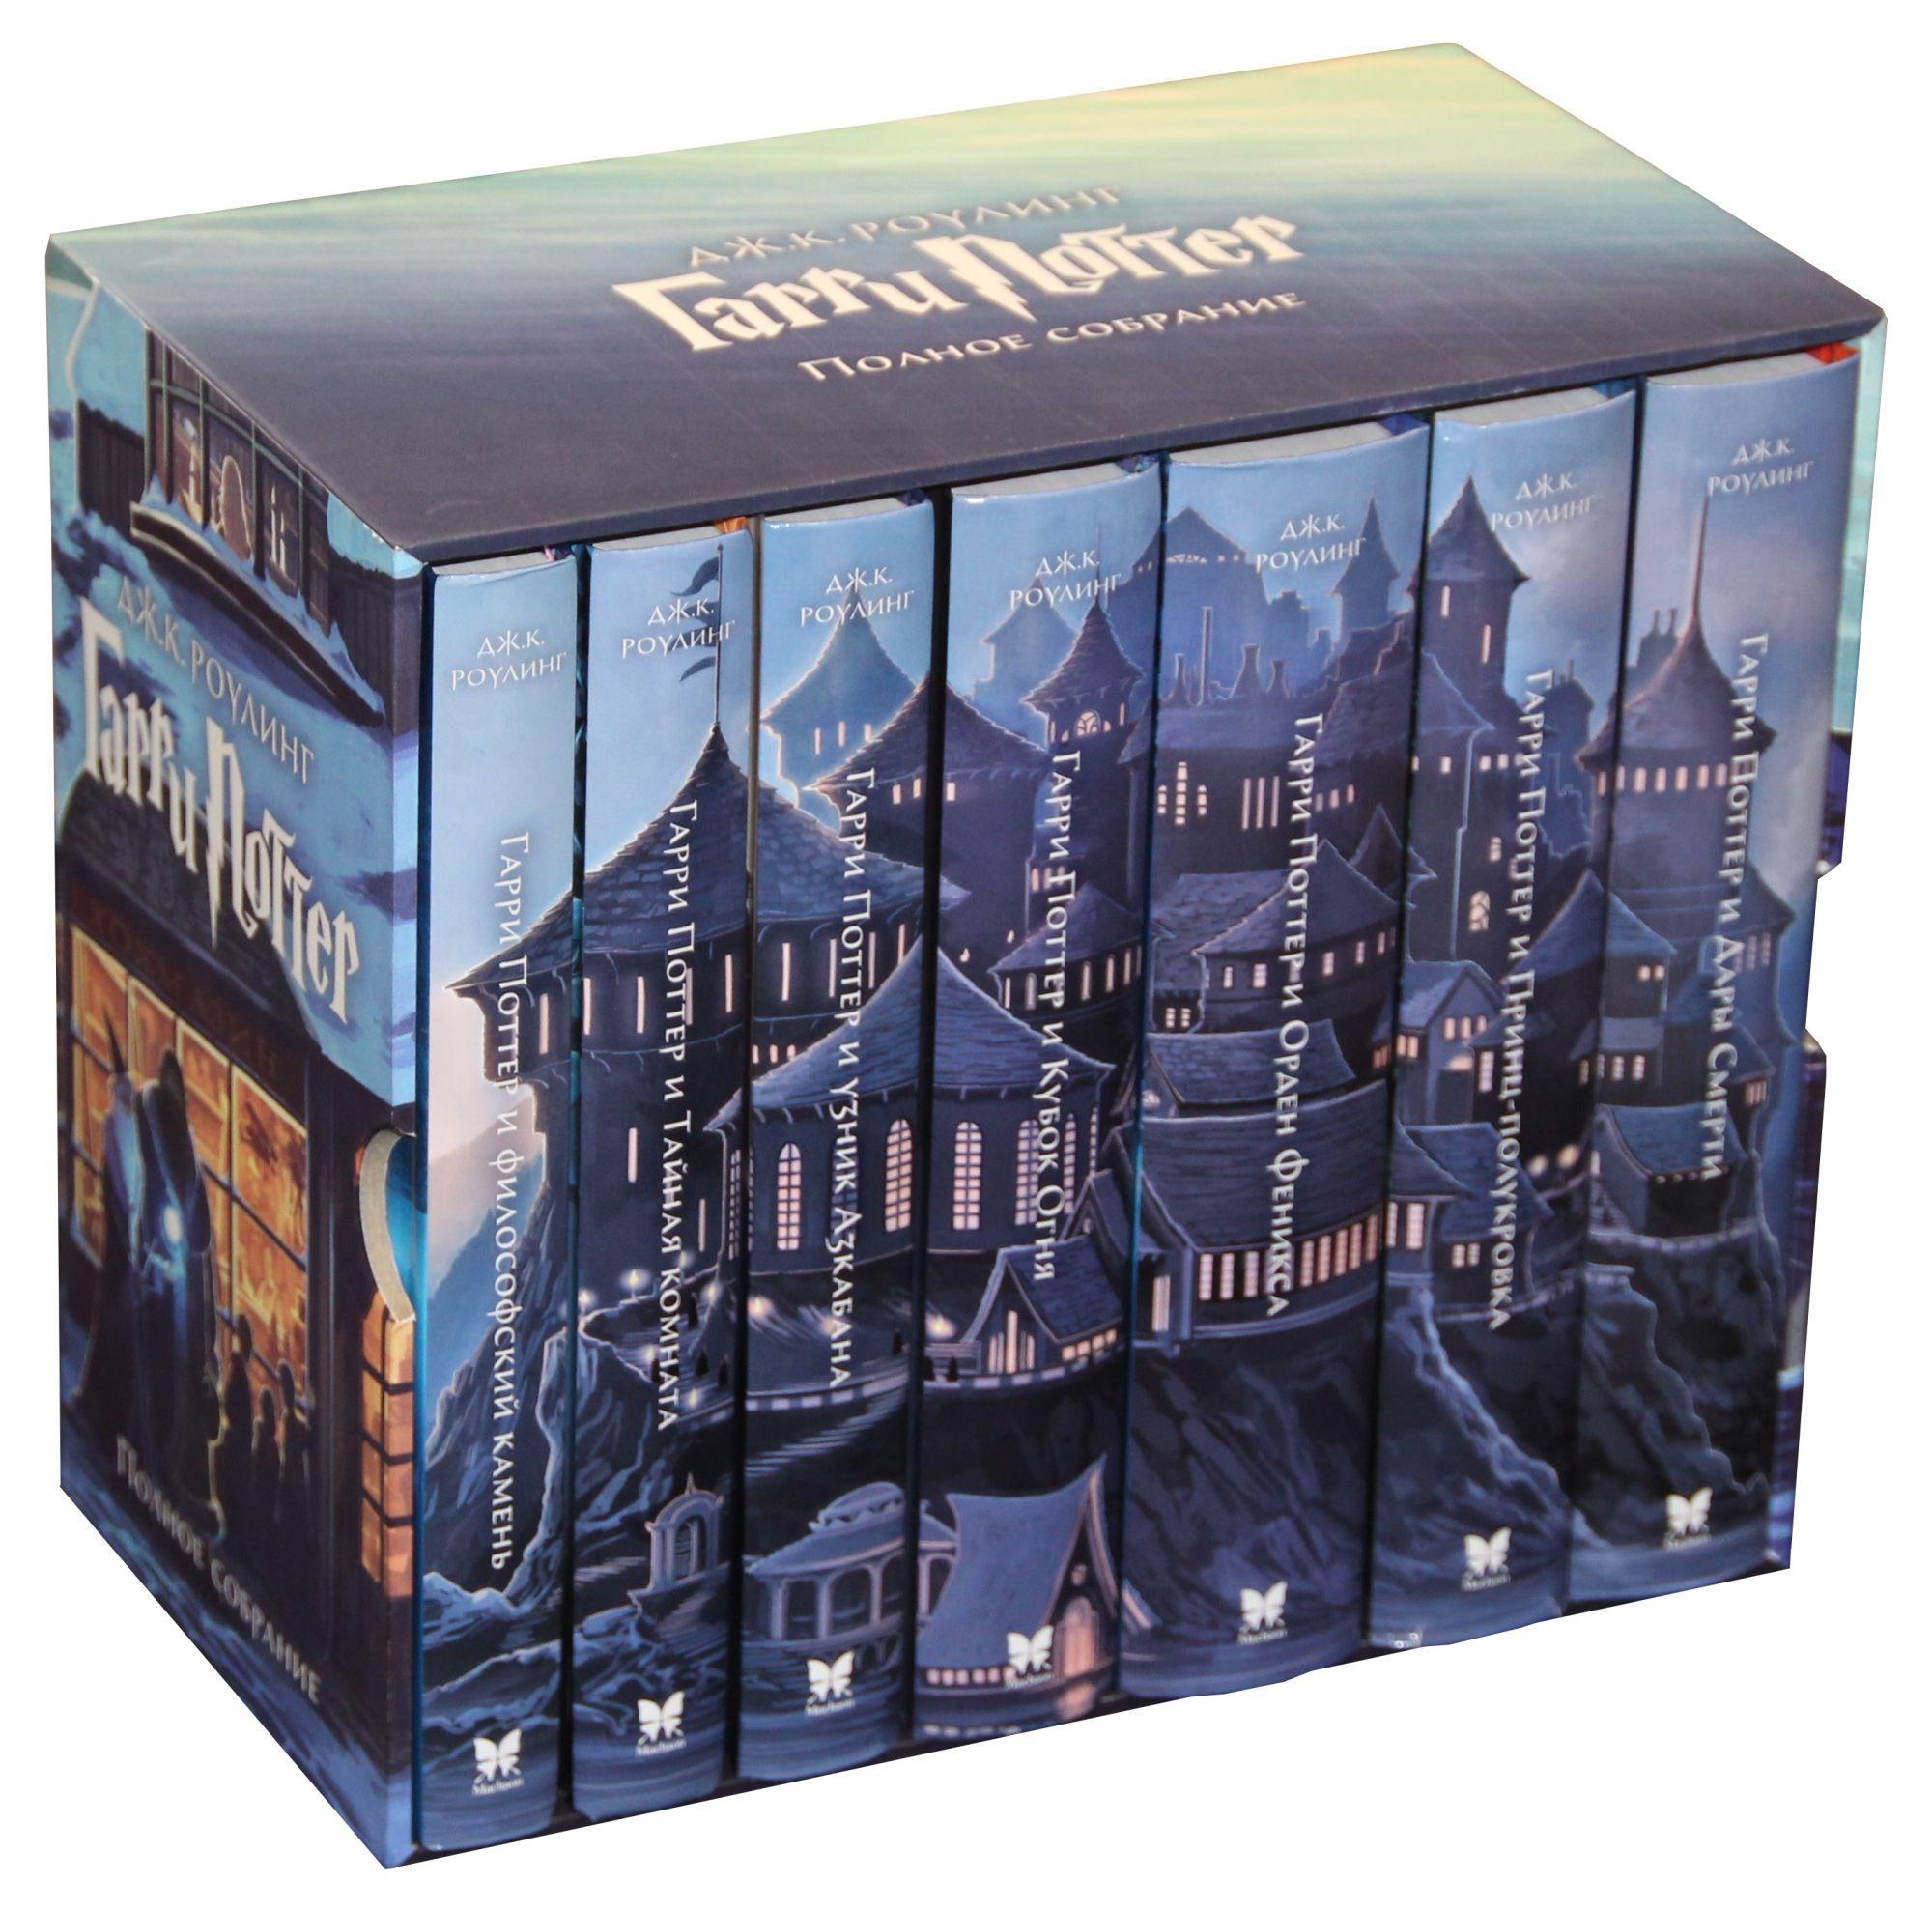 Книга Гарри Поттер. Комплект из 7 книг в футляре